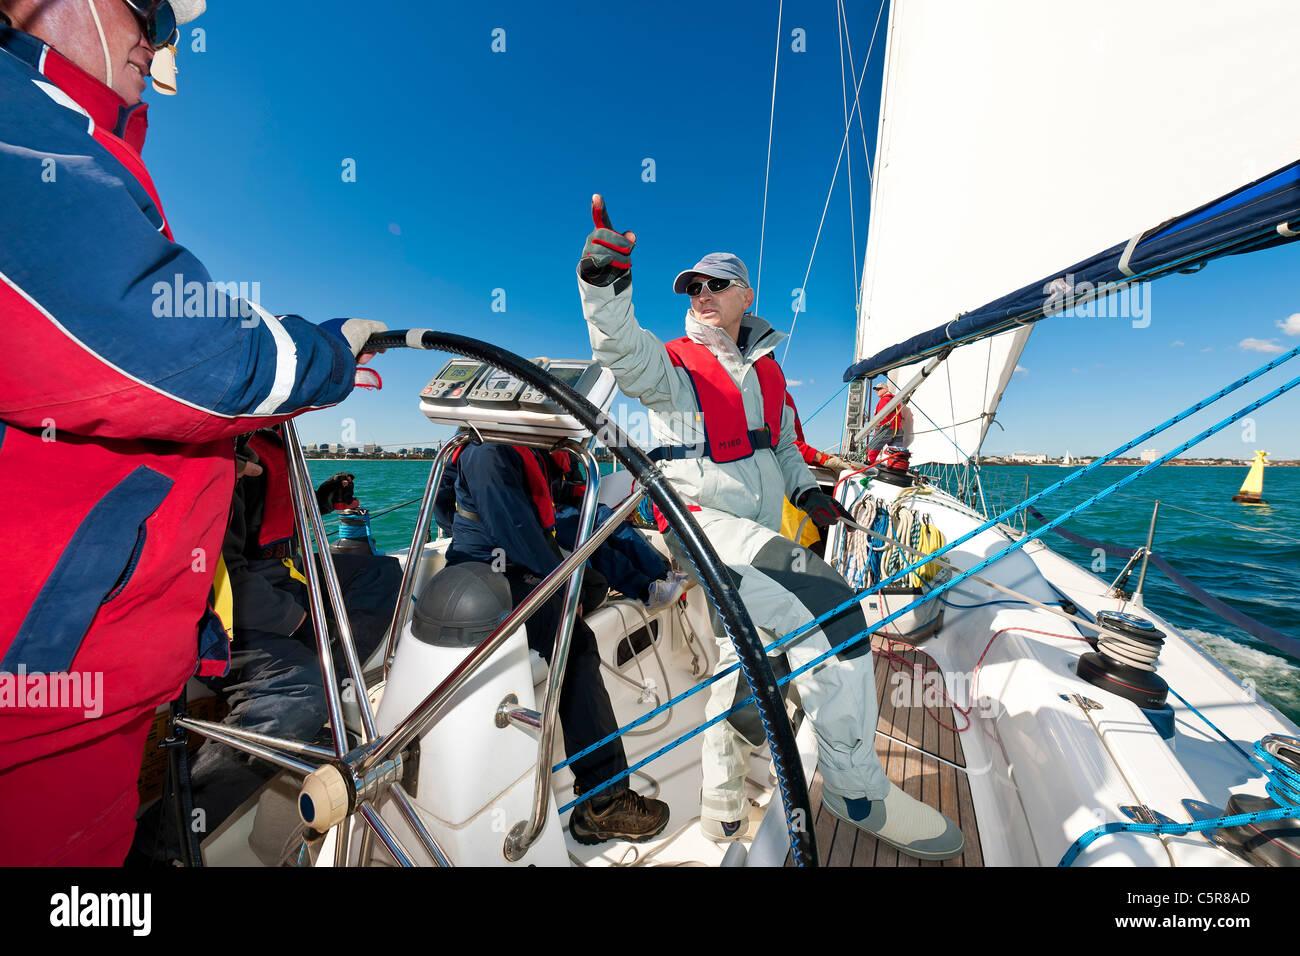 Eine Offshore-Yacht Crew immer bereit für das Rennen. Stockbild